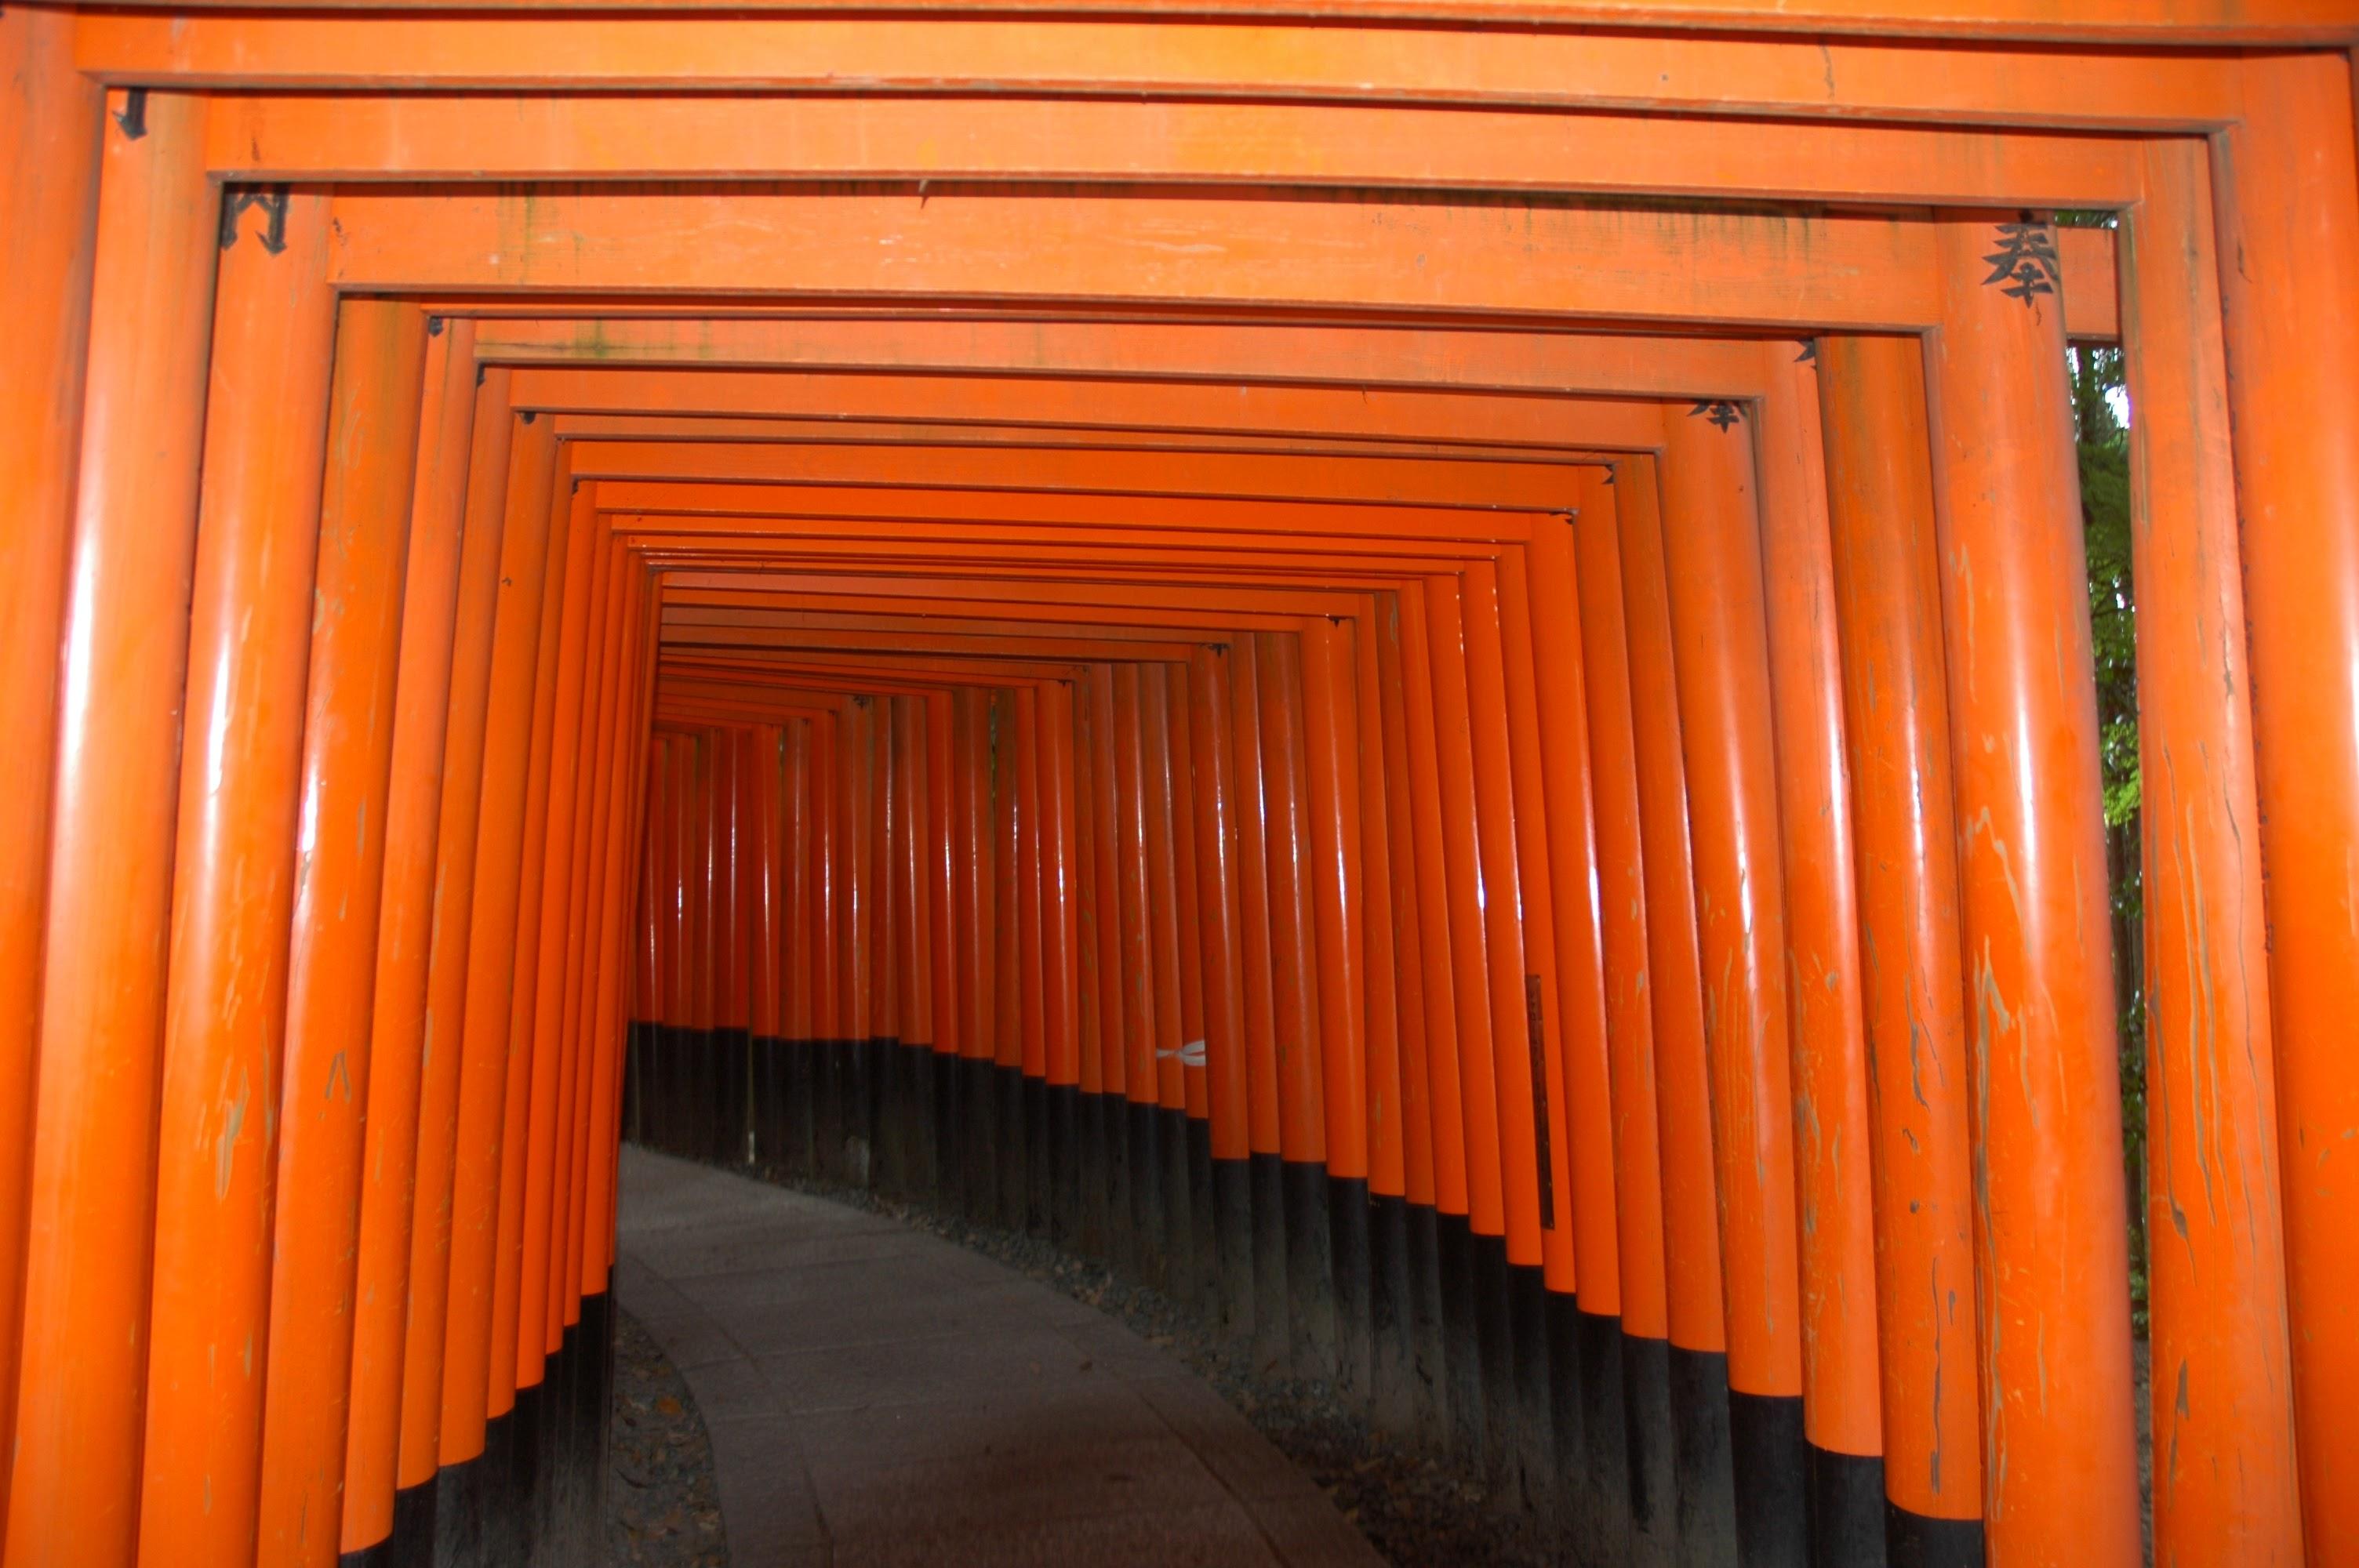 Torii alley